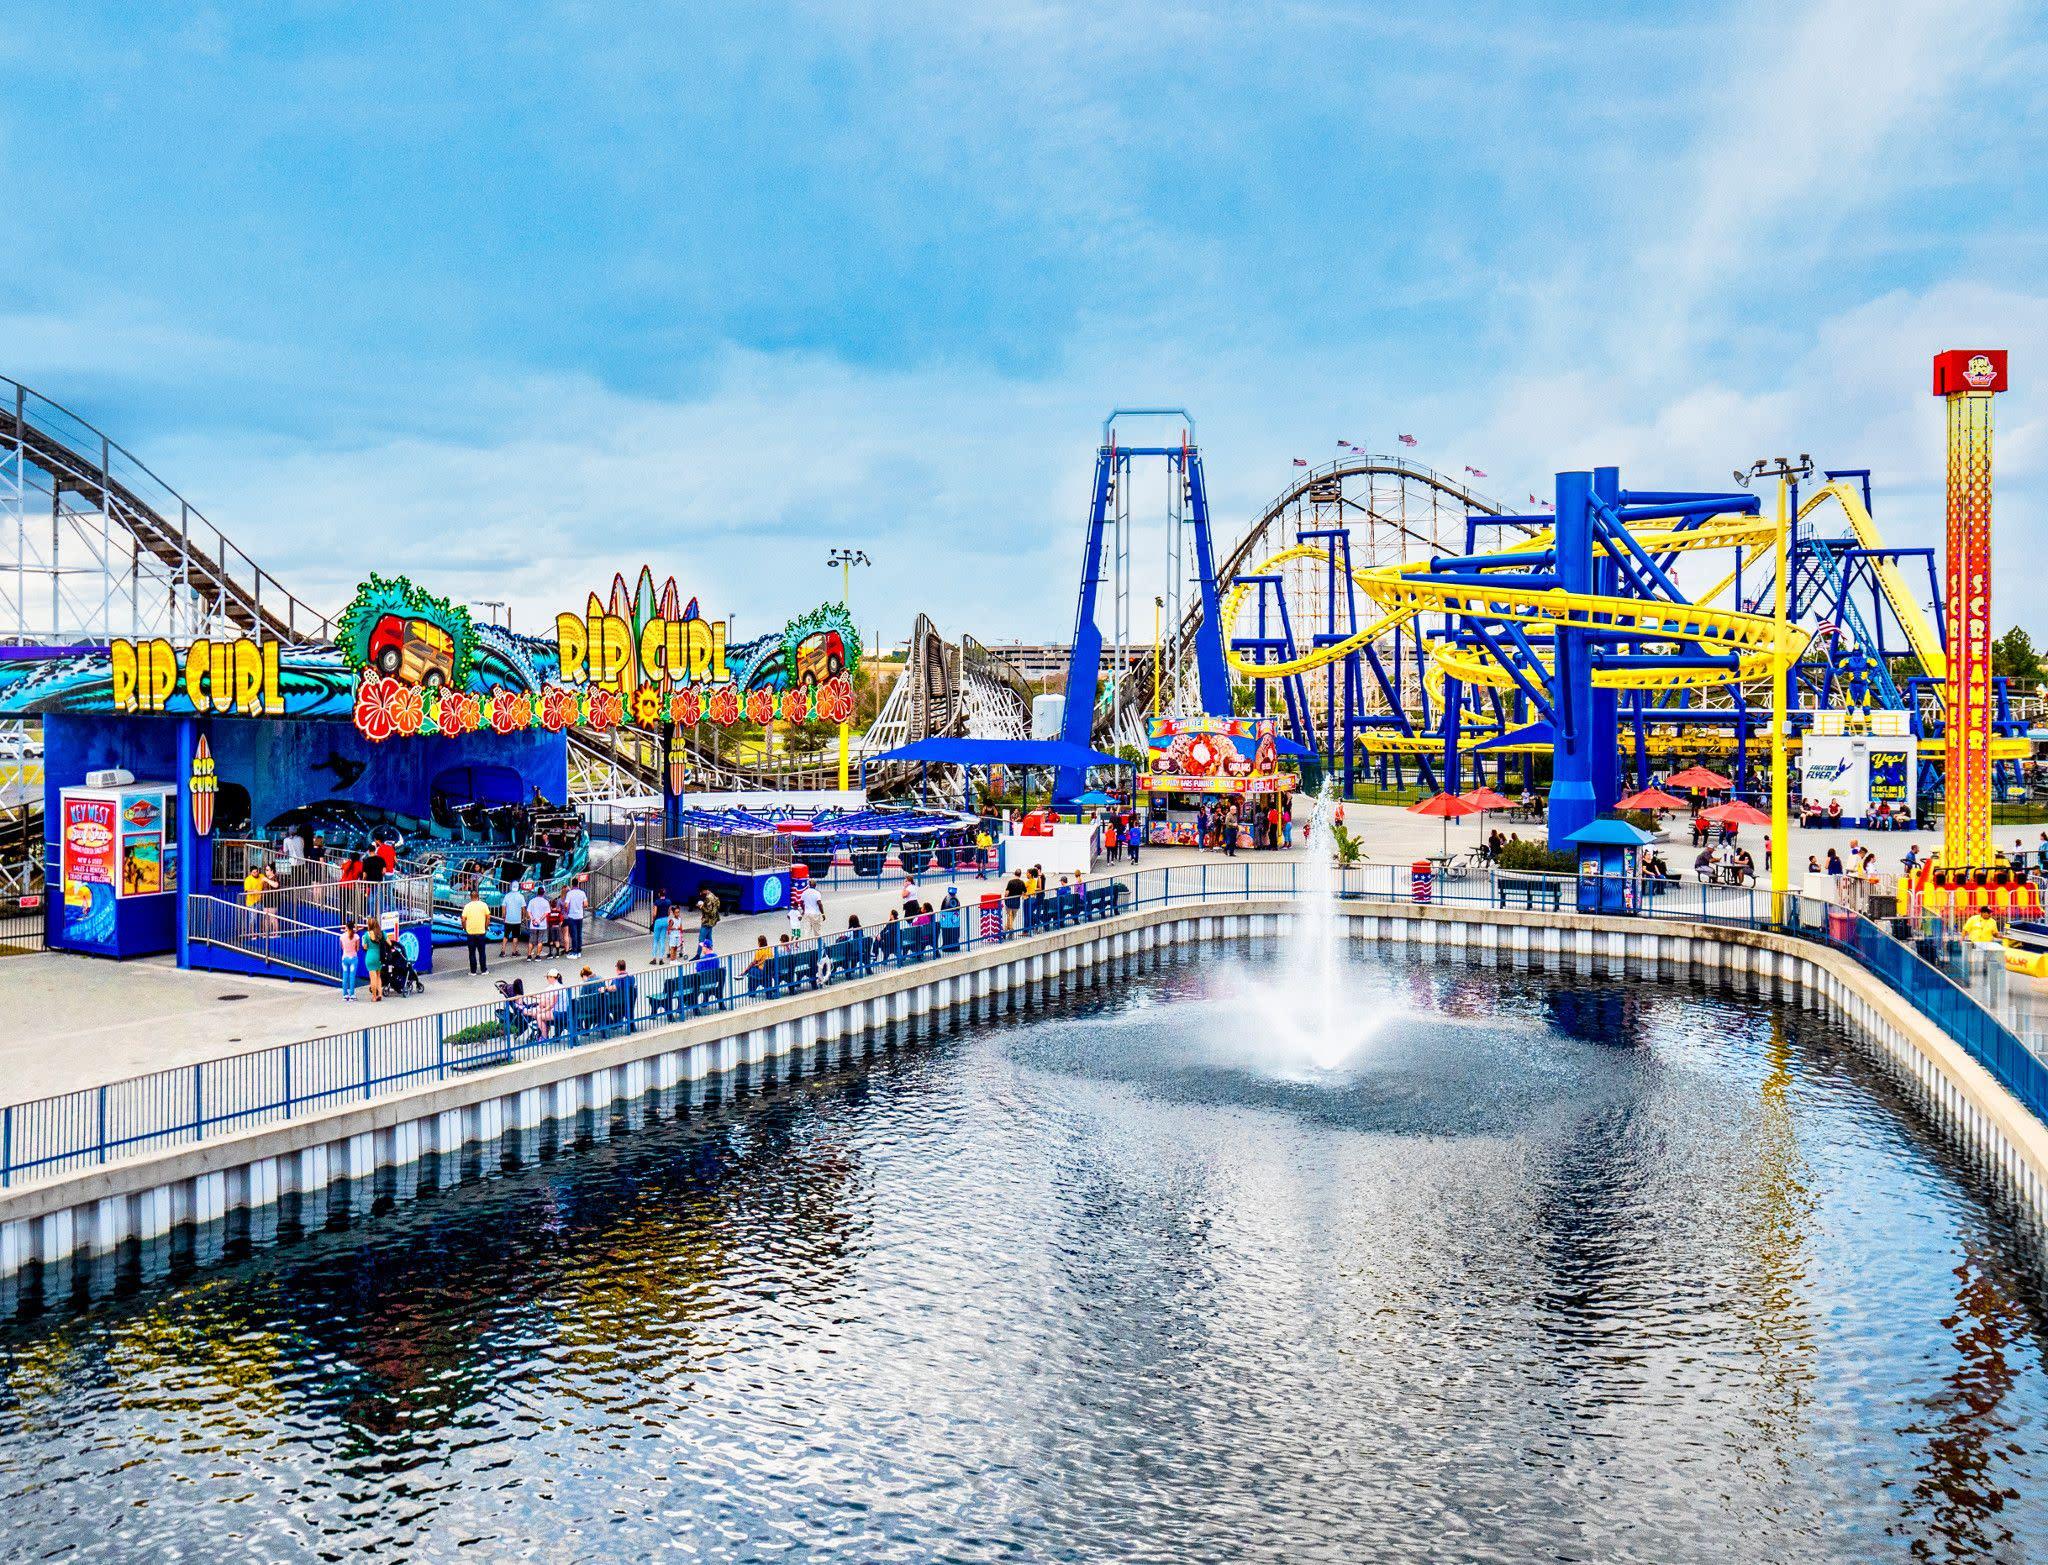 Fun Spot America in Orlando